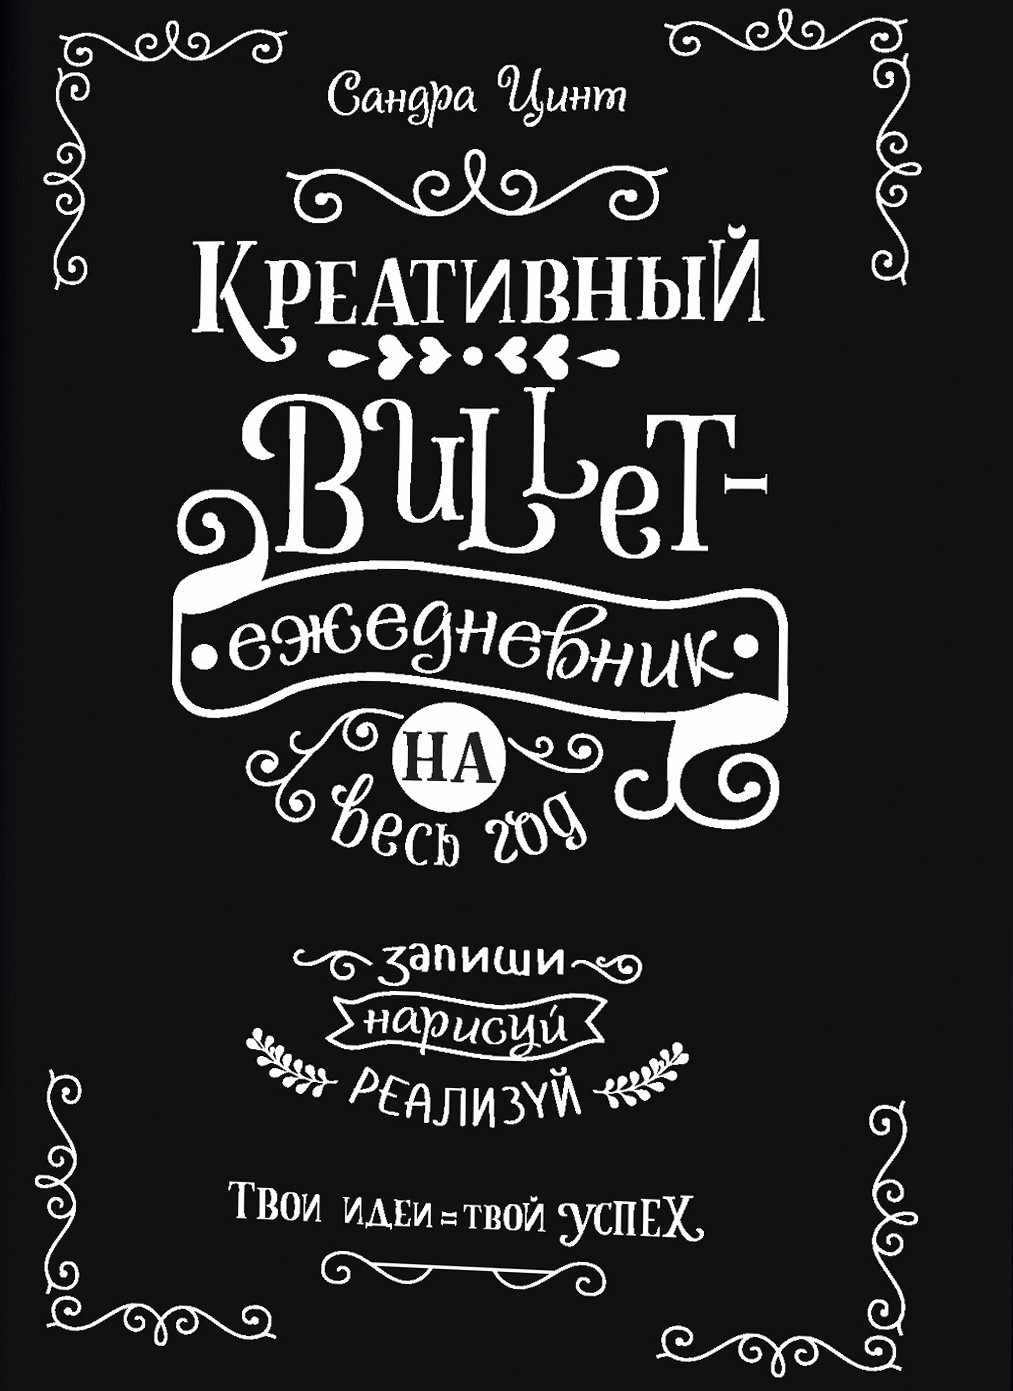 Креативный bullet-ежедневник. Чёрный